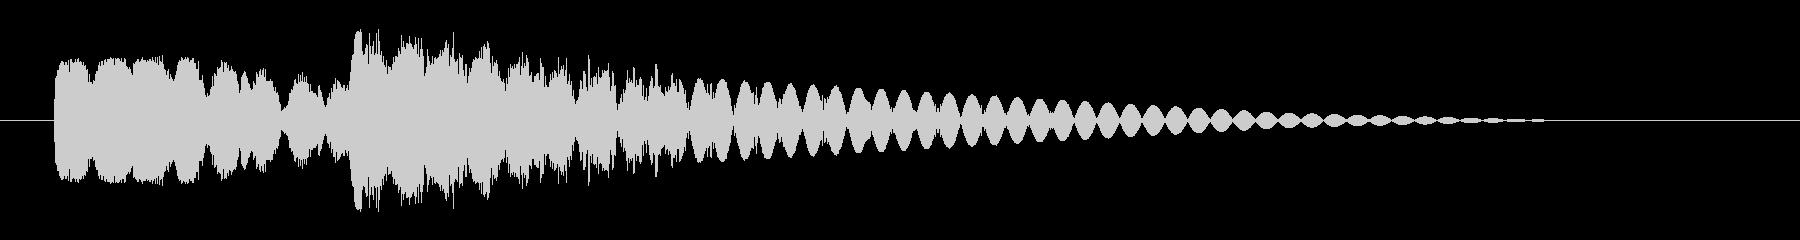 ピュピュン 射撃音3 レーザー銃などの未再生の波形